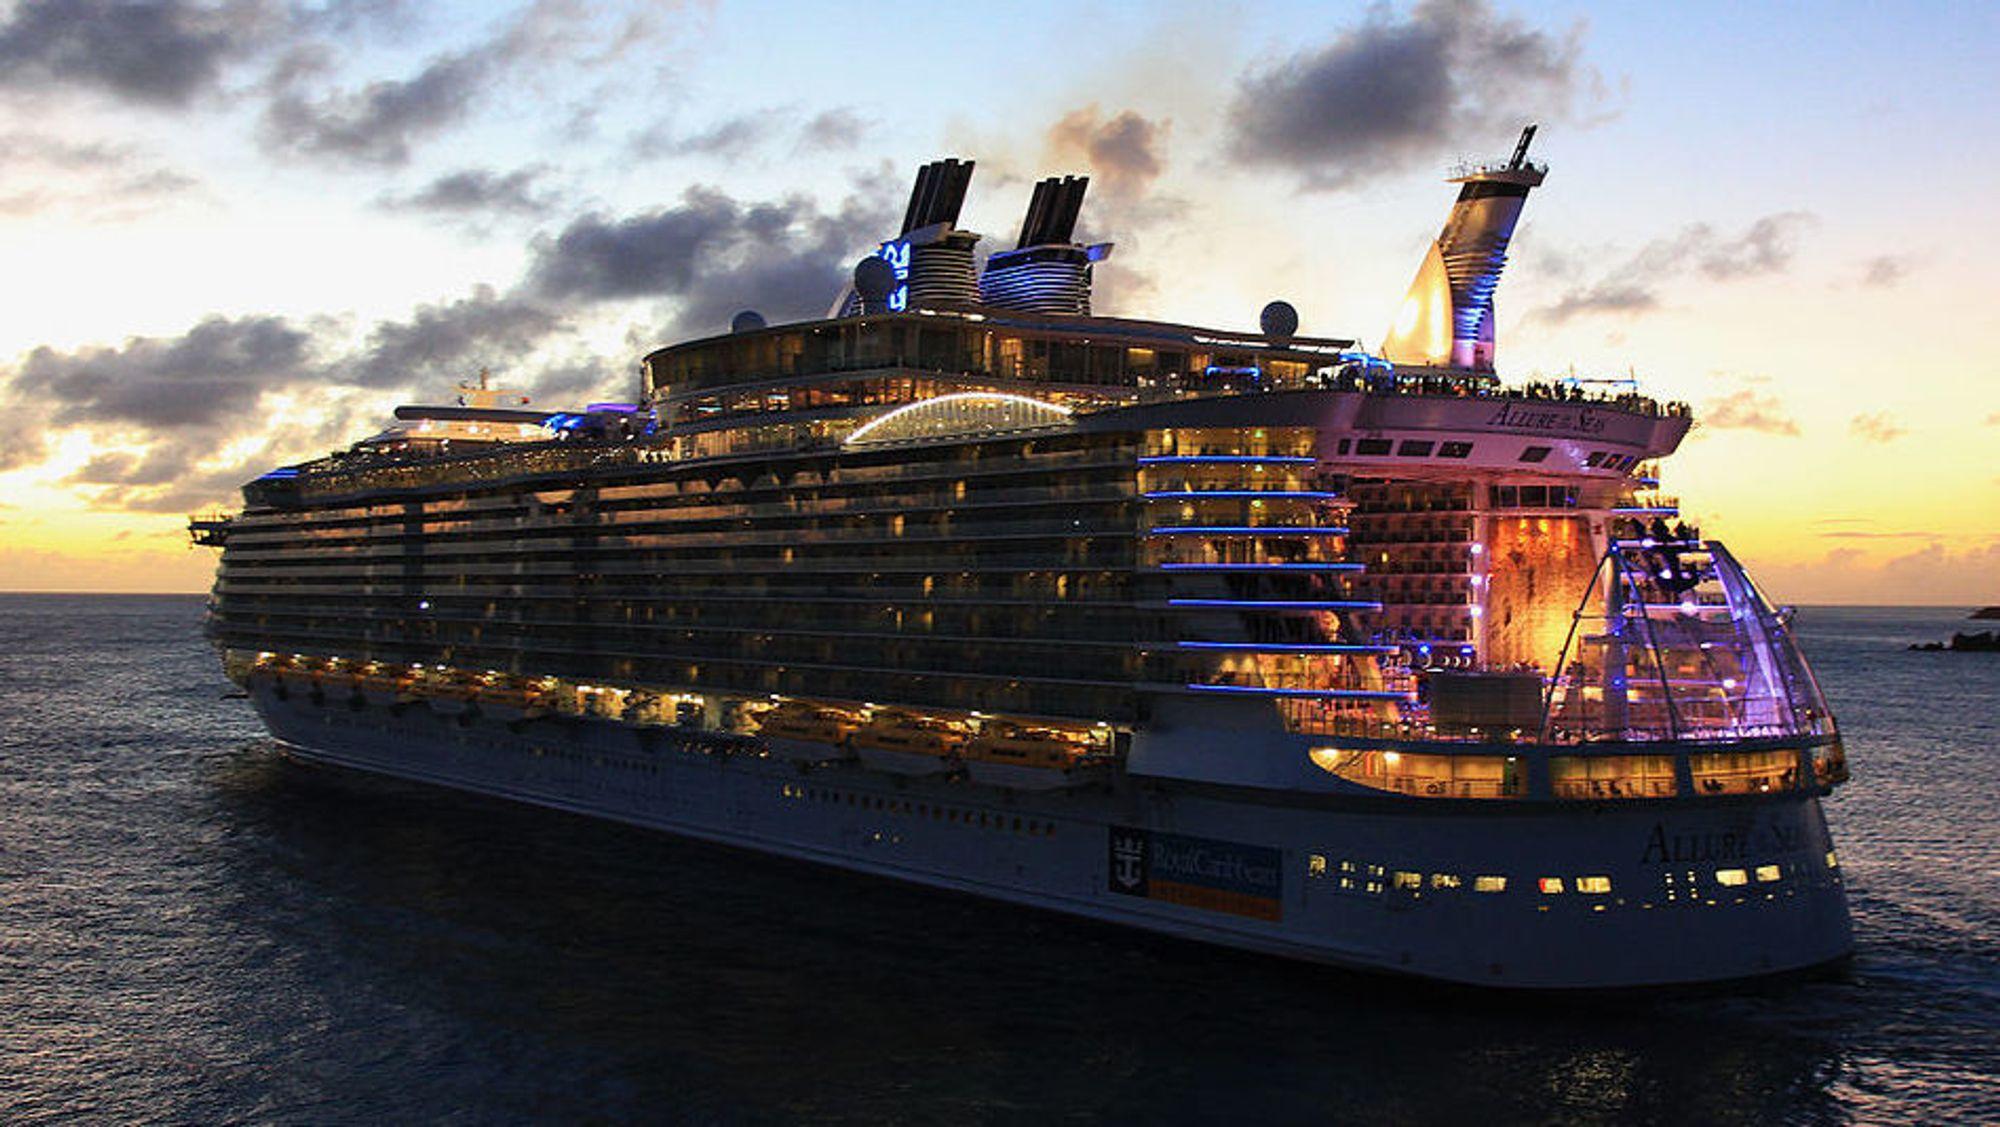 Allure of the seas eller søsterskipet Oasis of the Seas skal få brenselcelle om bord før utgangen av 2017. RCCL vil bygge ut brenselcellen gradvis og lære steg for steg hvordan den kan benyttes.